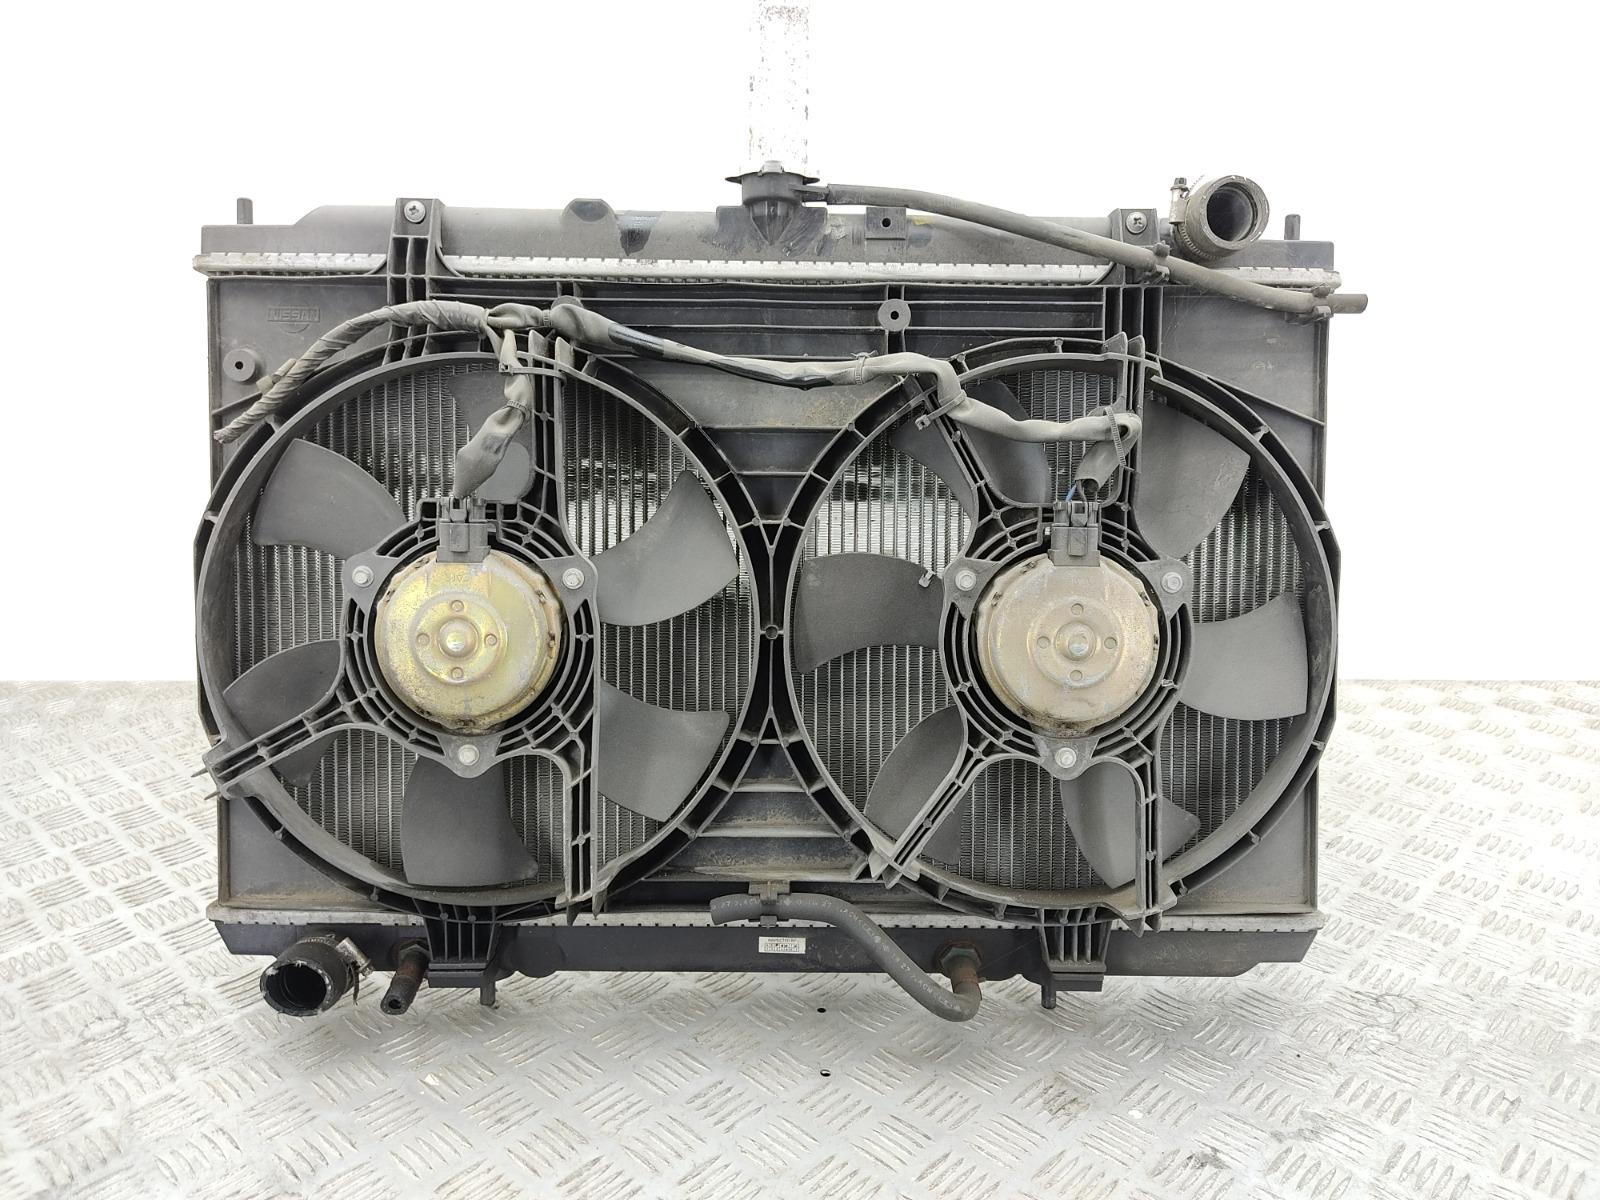 Кассета радиаторов Nissan Almera Tino 2.0 I 2002 (б/у)